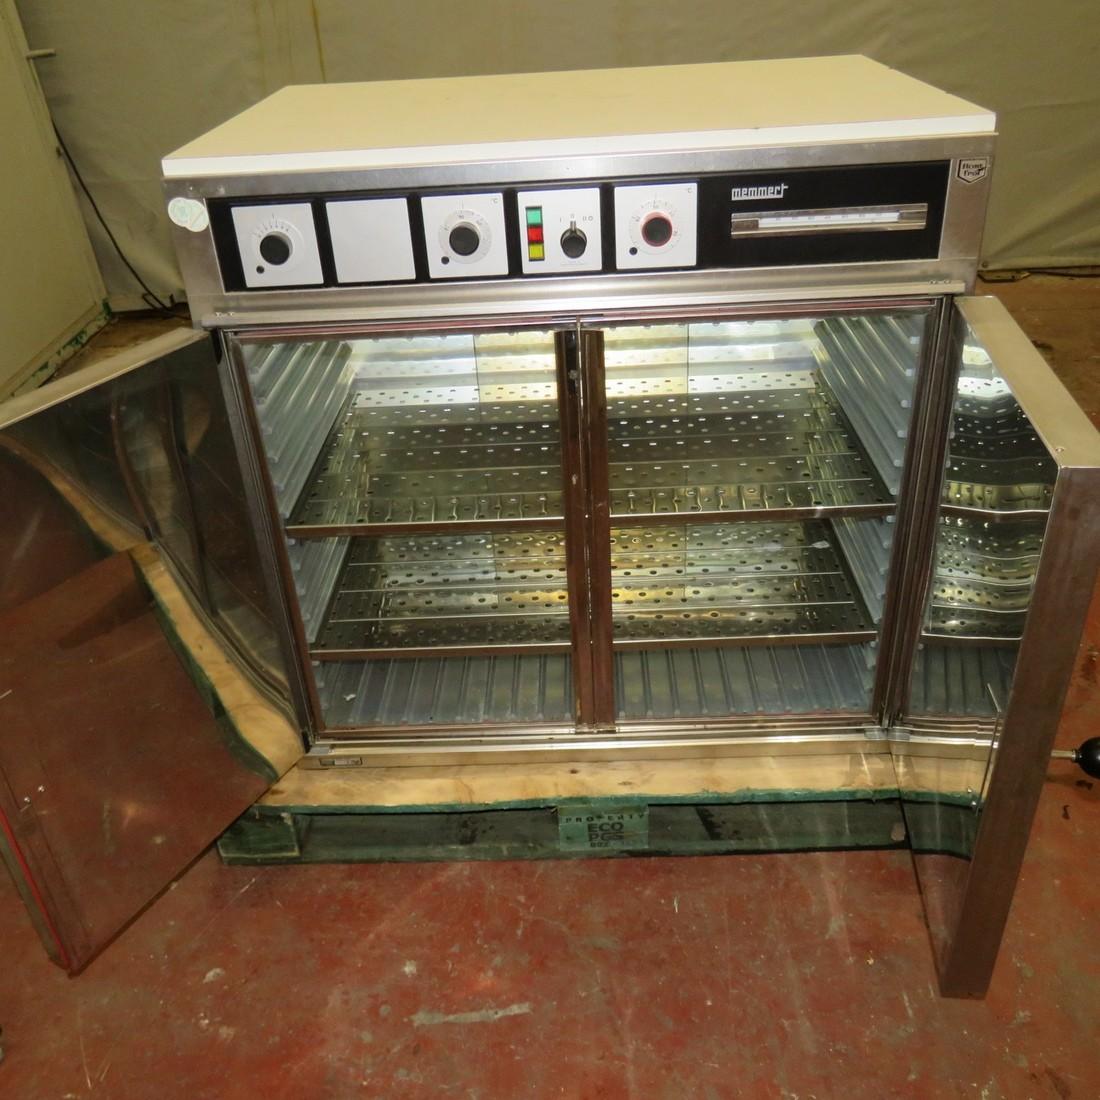 R1L1138 MEMMERT oven B50 type